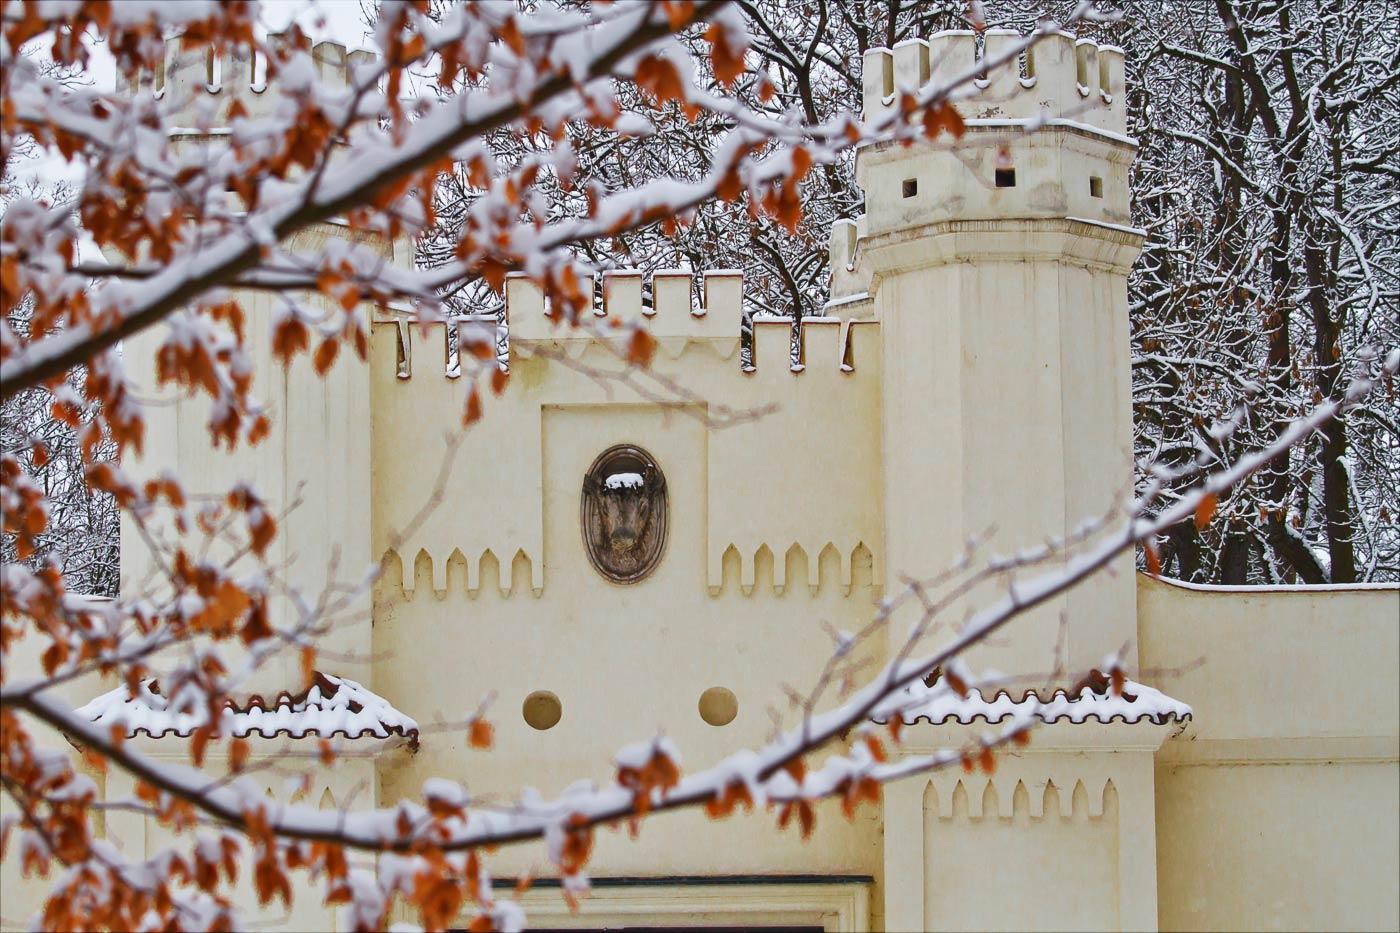 Голова бизона на фасаде Зносимской браны у Влашимкого парка